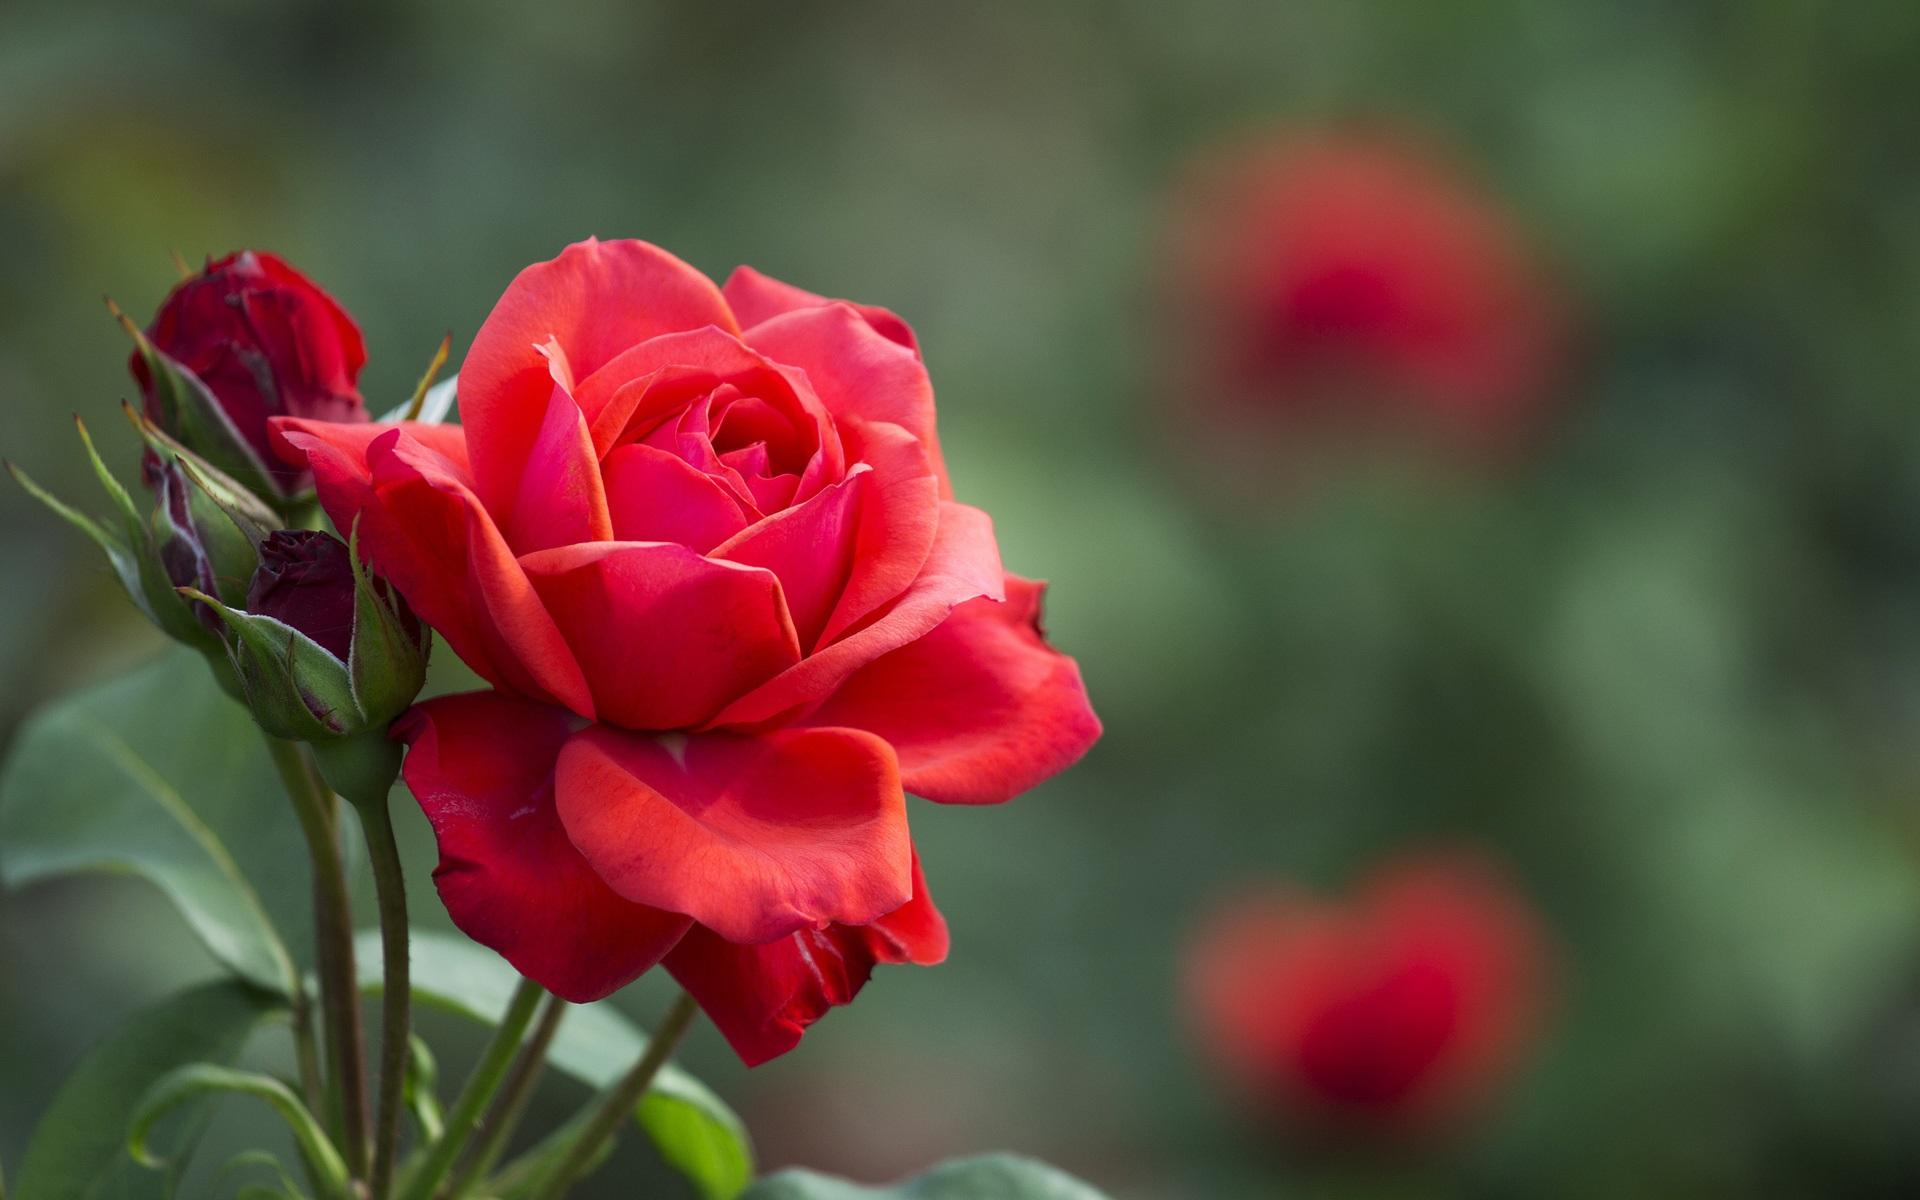 Днем, картинки розы на весь экран